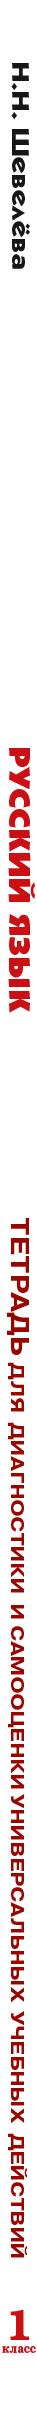 Русский язык. 1 класс. Тетрадь для диагностики и самооценки универсальных учебных действий